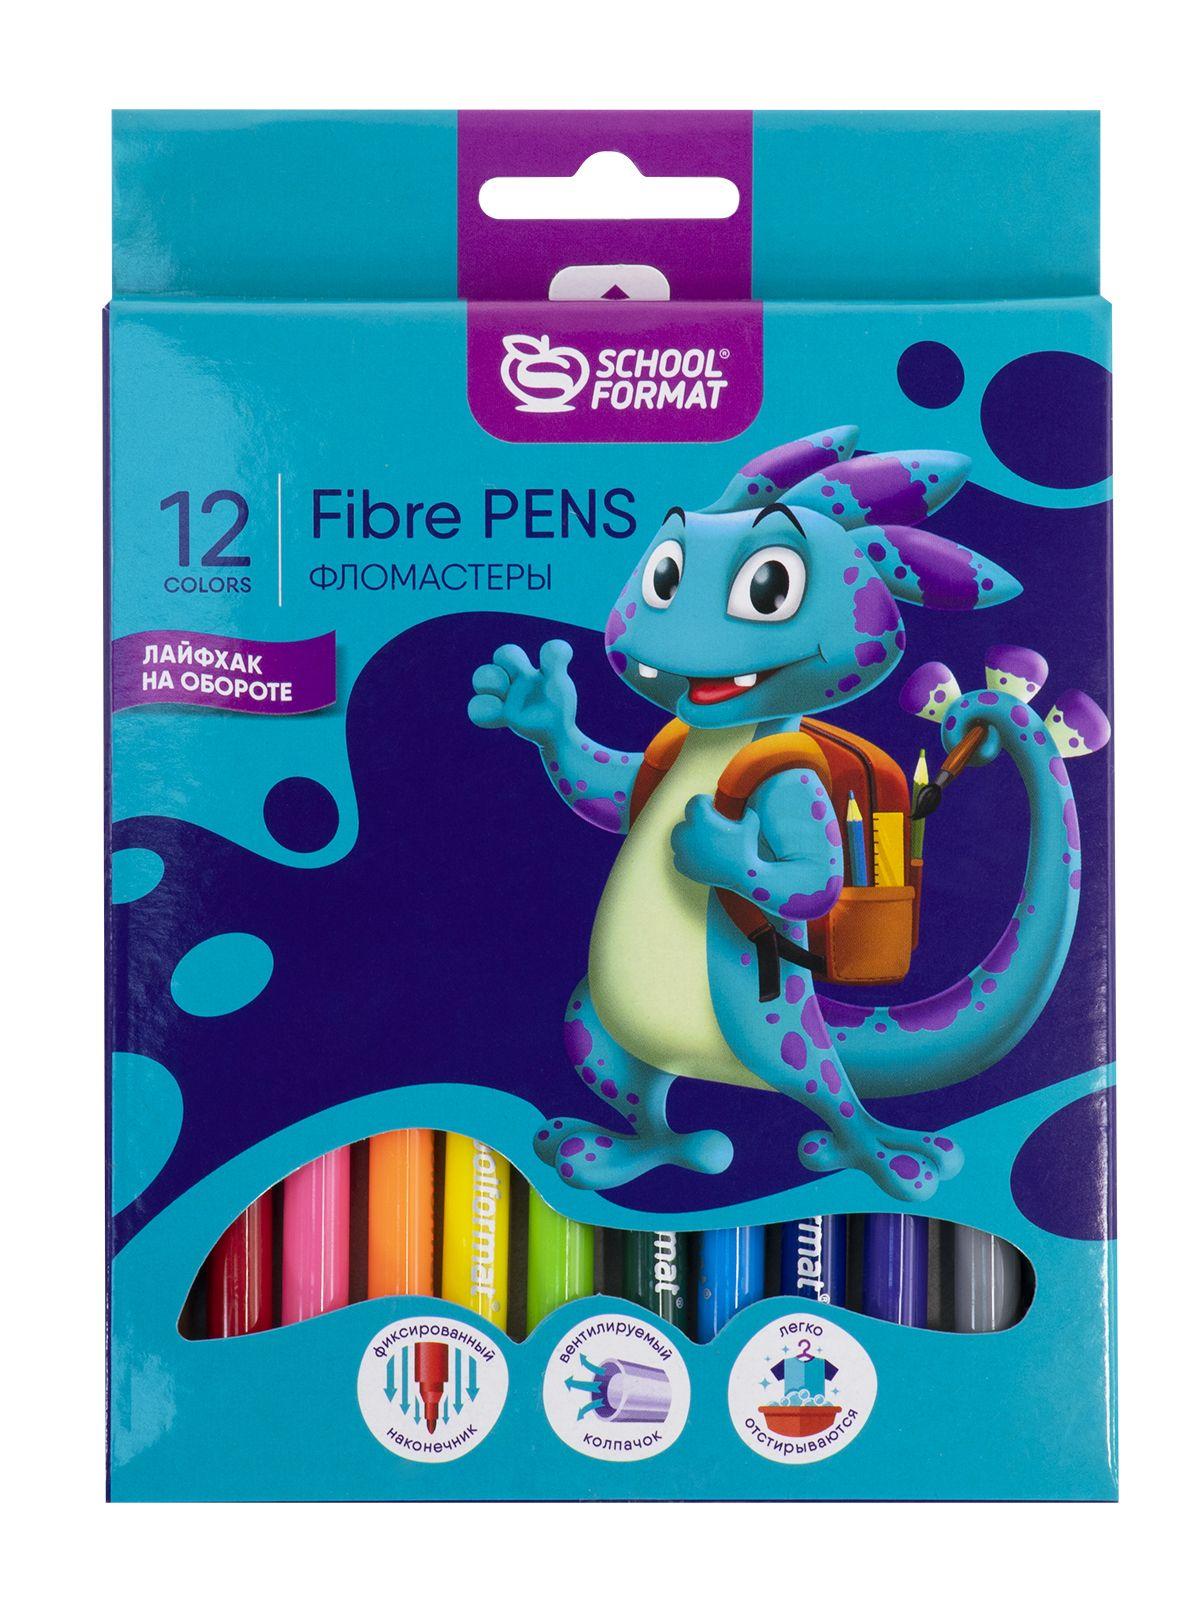 Фломастеры schoolФОРМАТ SMART DINO 12 цветов, картонная упаковка, круглый корпус, стандартные